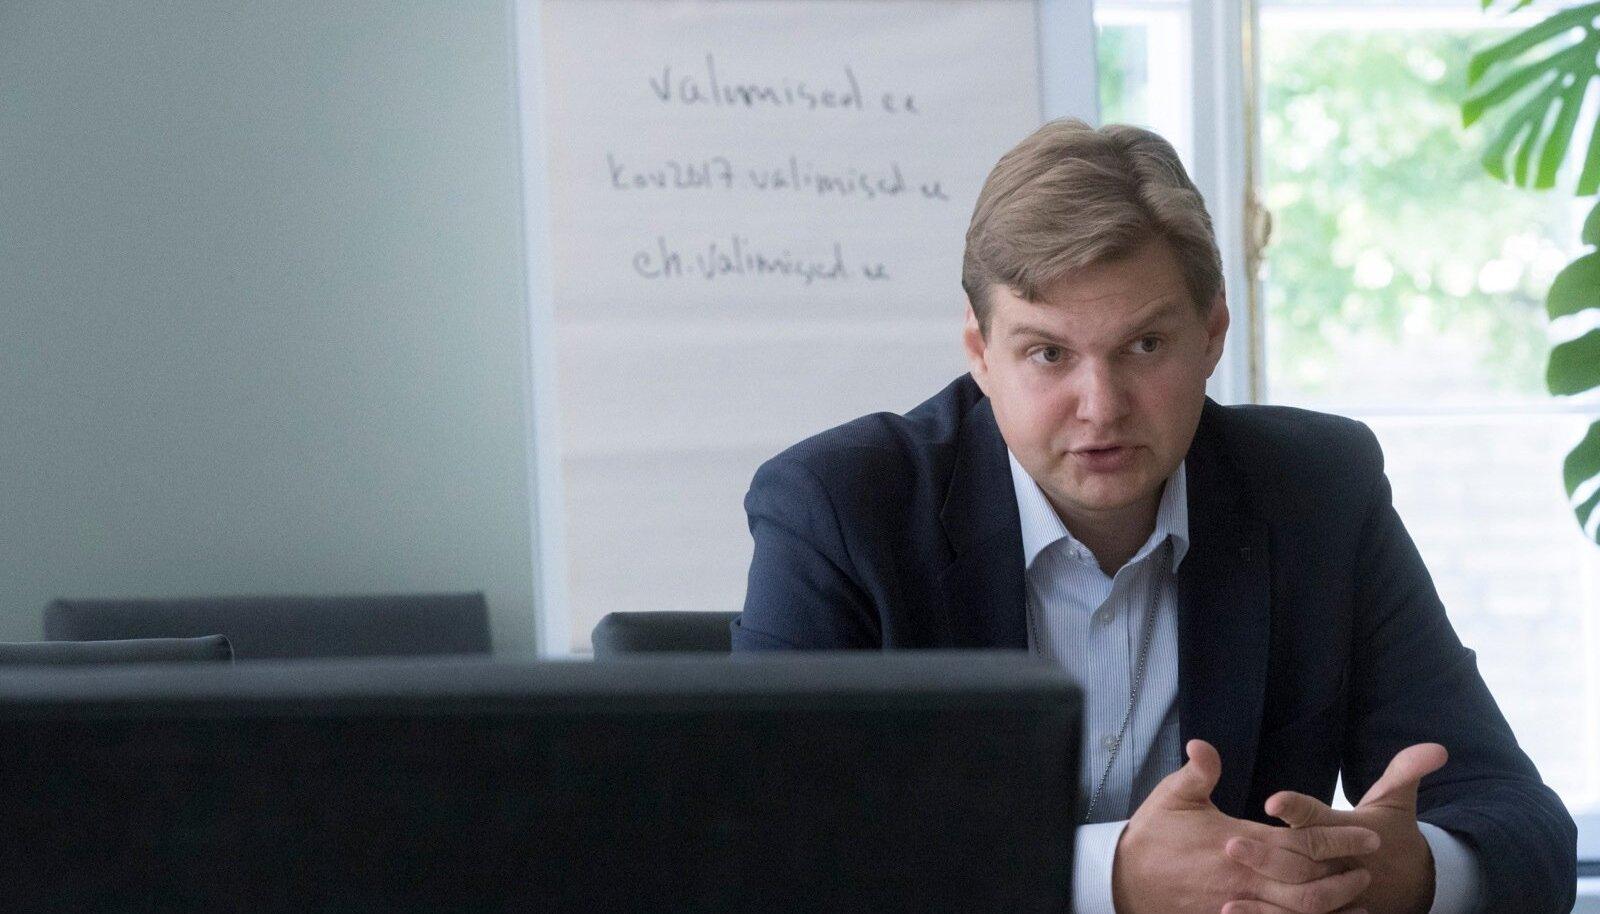 Valimisteenistuse juht Priit Vinkel on valmis korraldama erakorralisi valimisi.